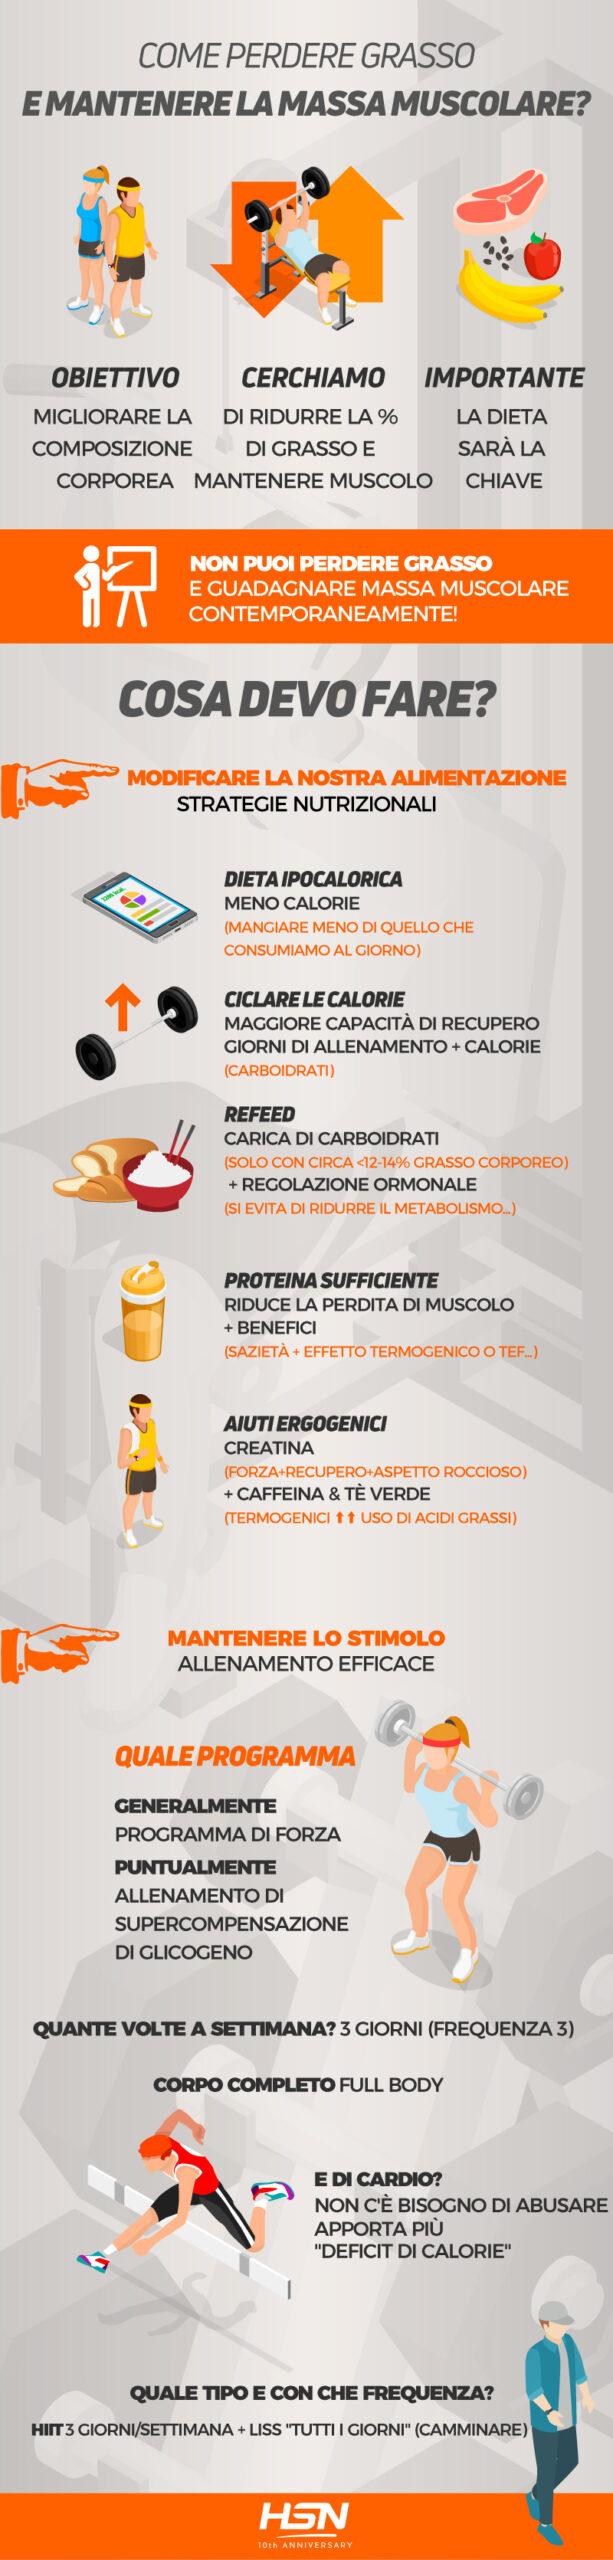 Perdere grasso